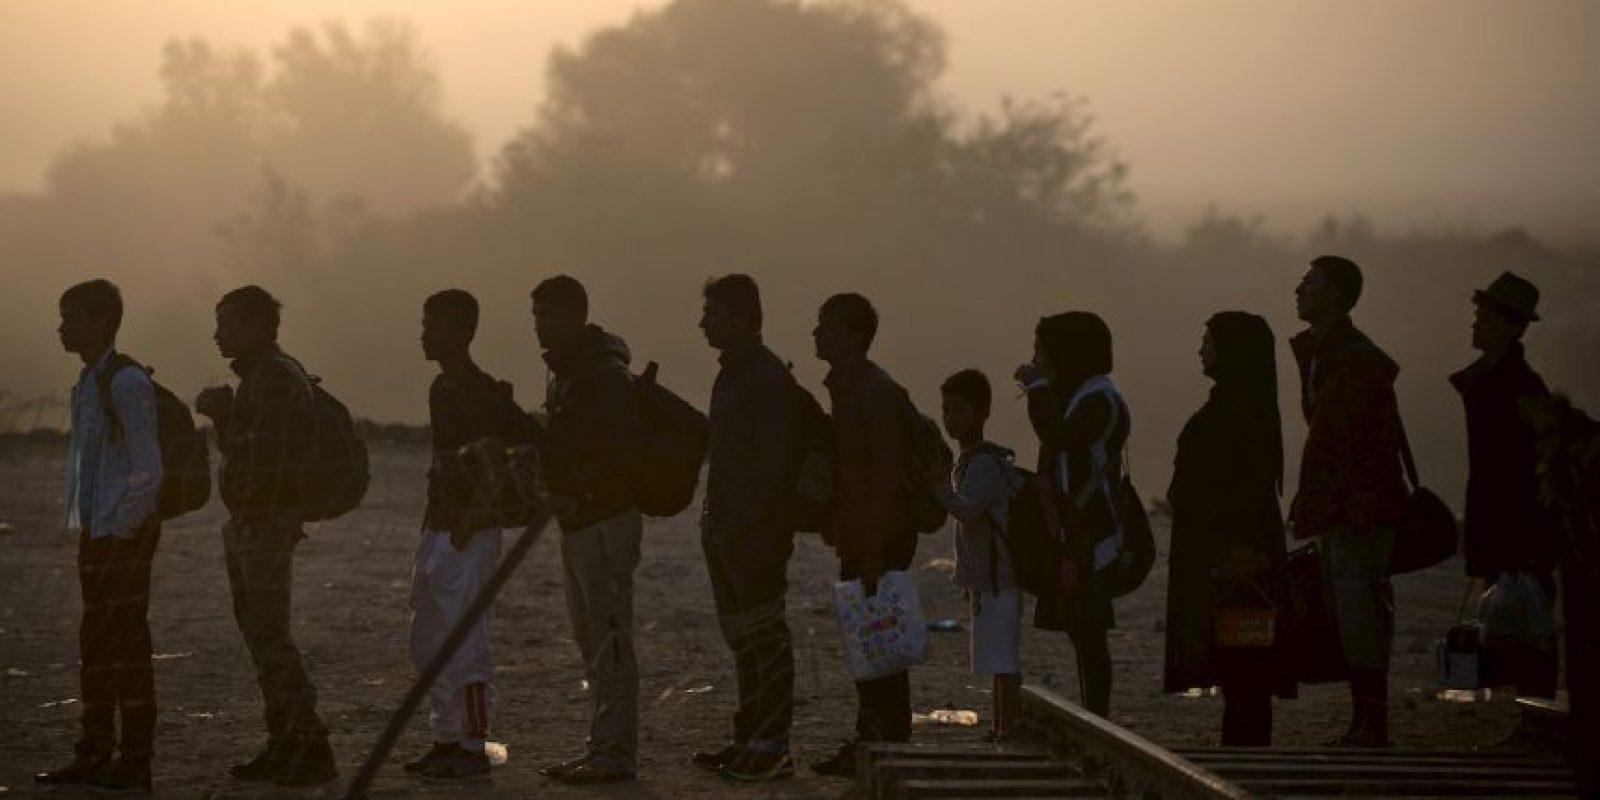 Migrantes y refugiados esperan formados para poder cruzar la frontera de Grecia y Macedonia. Foto:AFP